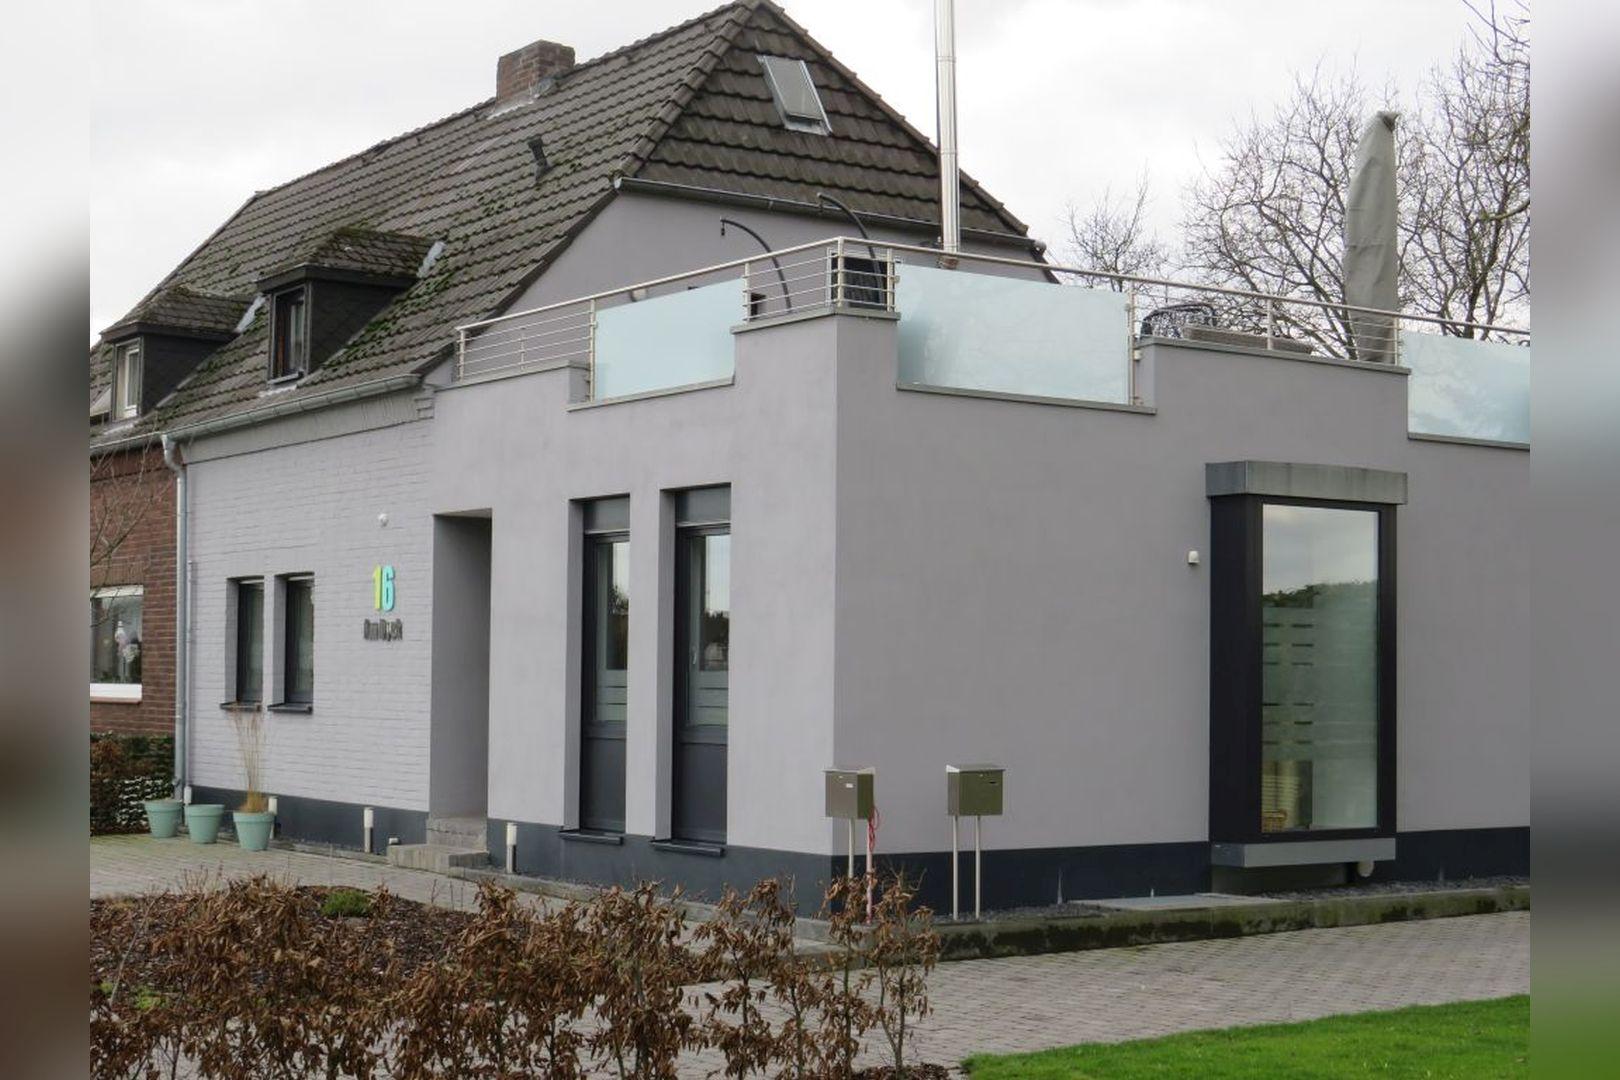 Immobilie Nr.0248 - Doppelhaushälfte mit eingeschossigem Anbau, Garten & Dachterrasse - Bild 17.jpg